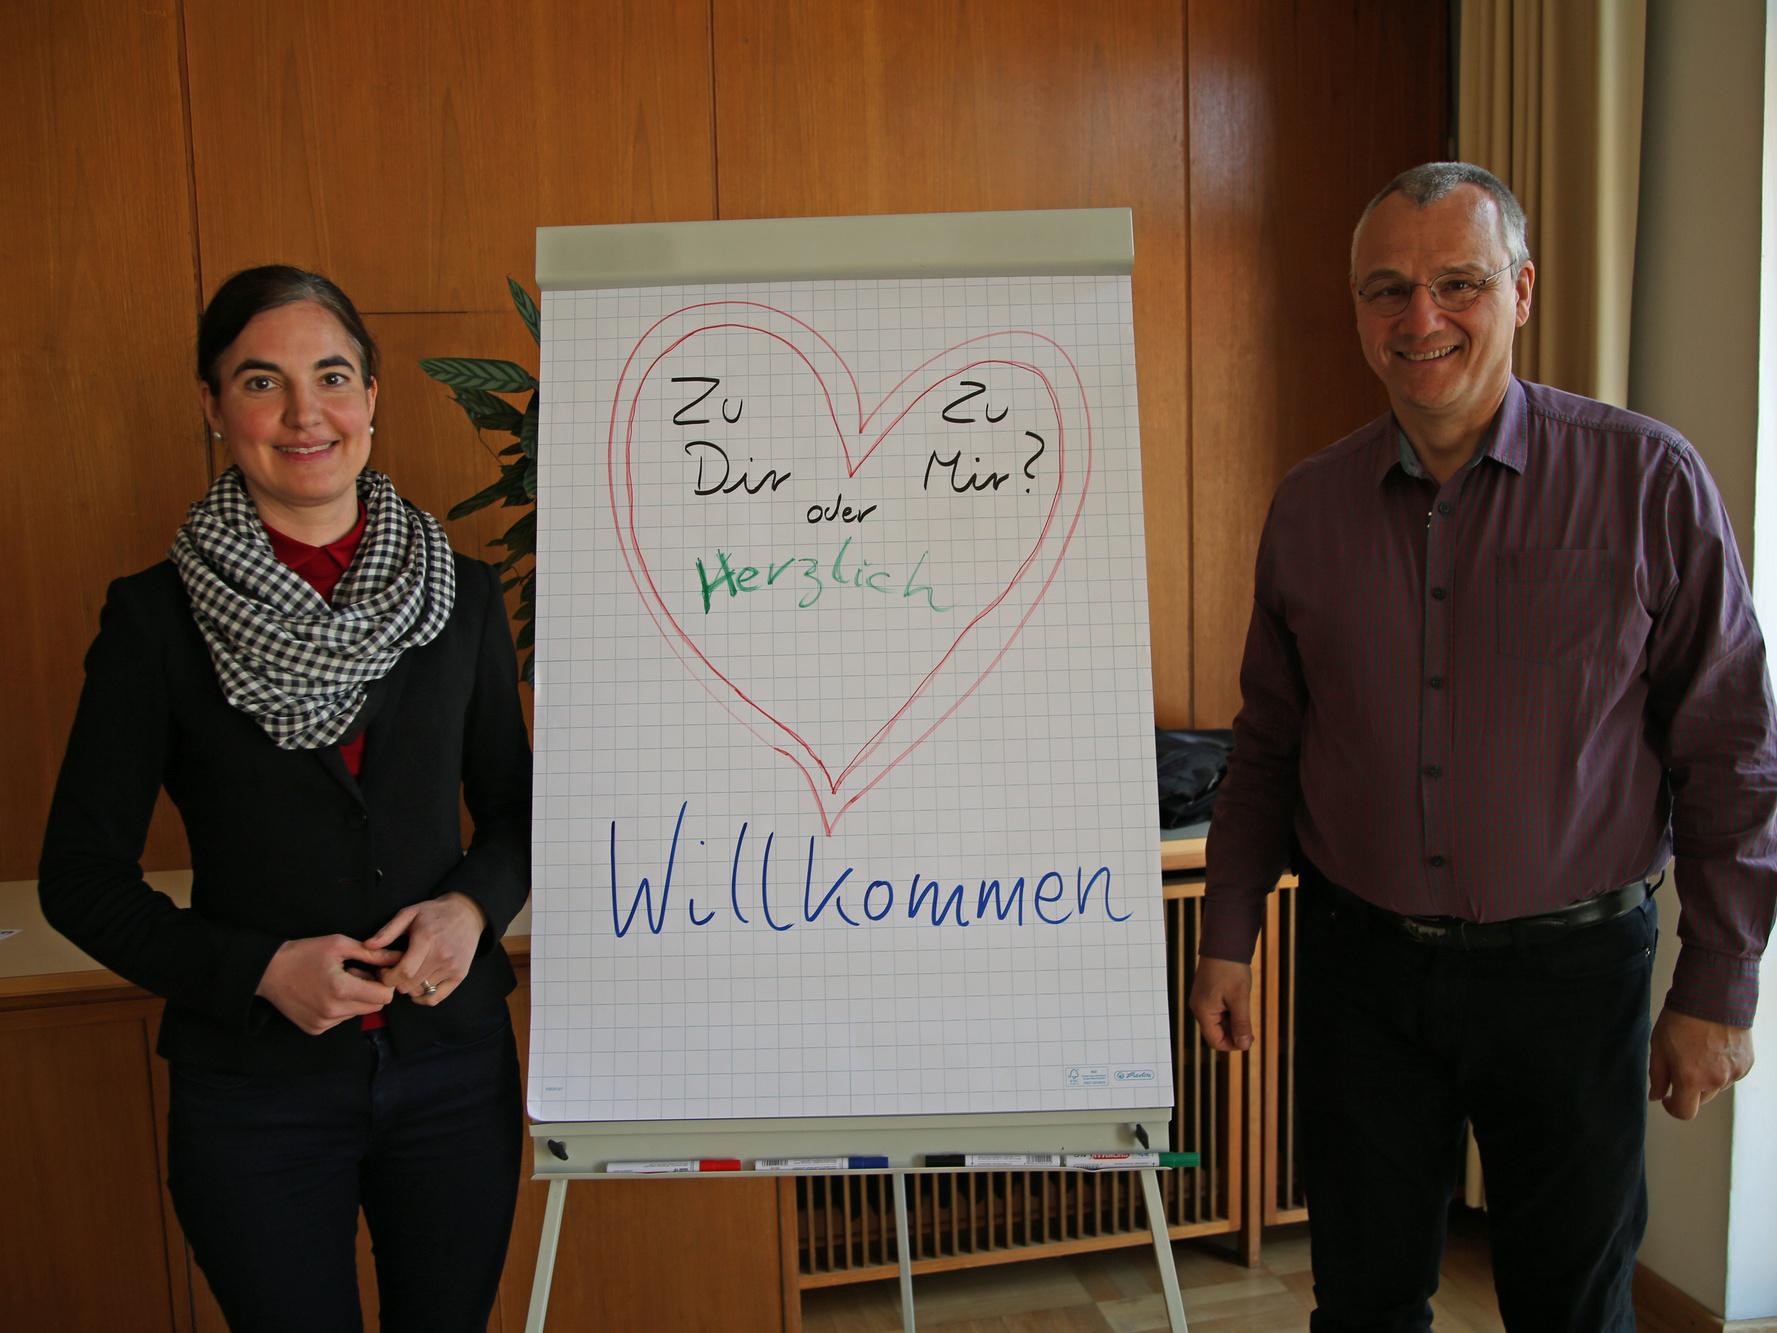 Melanie Jörg-Kluger und Frank Hofmann-Kasang leiten das Seminar für katholisch-evangelische Paare.